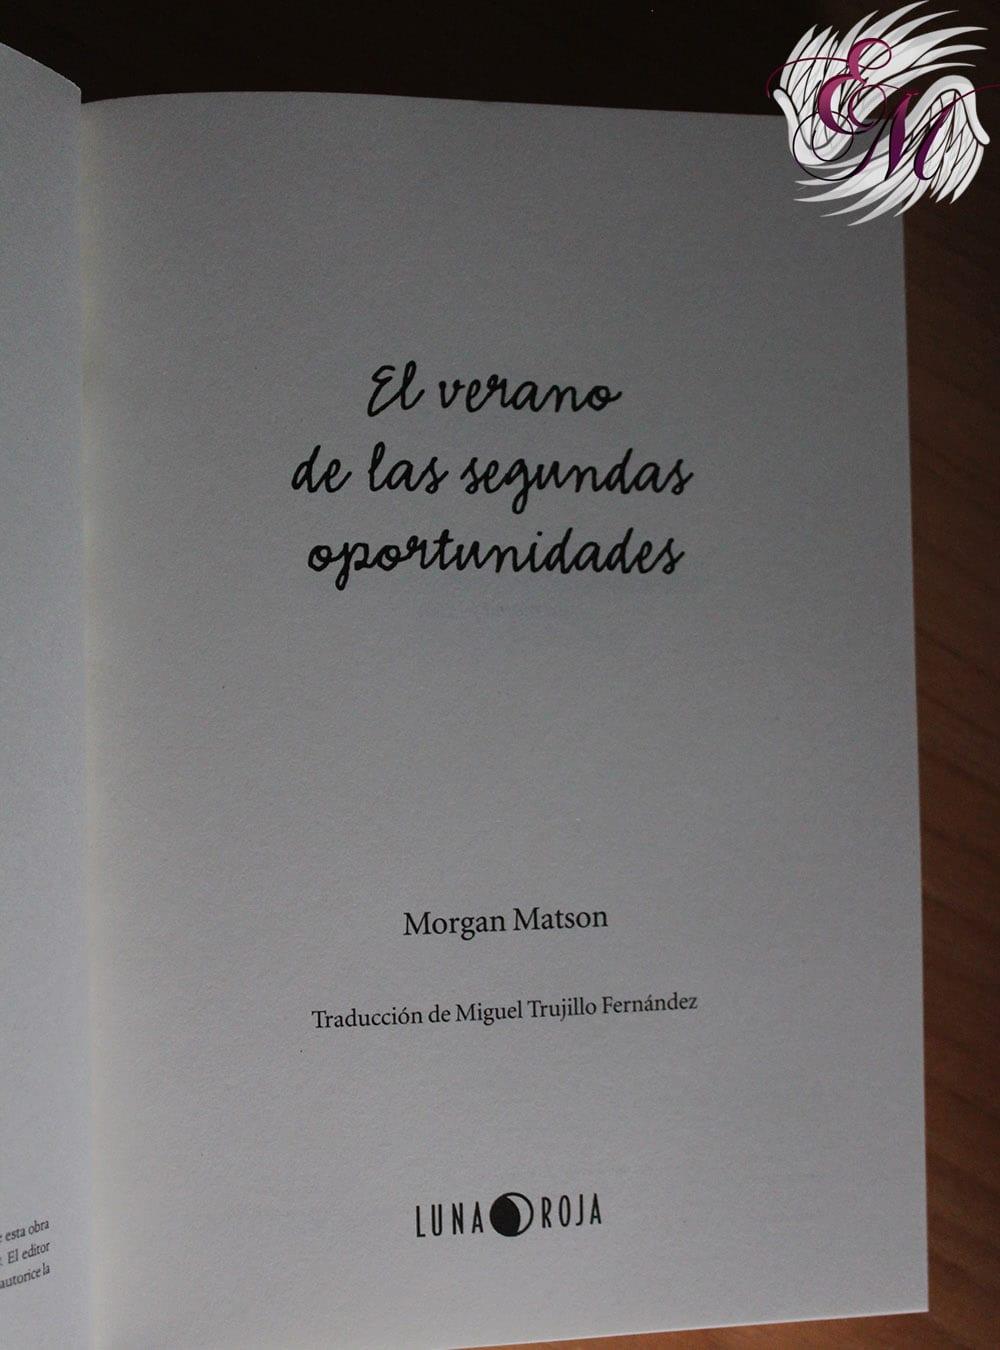 El verano de las segundas oportunidades, de Morgan Matson - Reseña